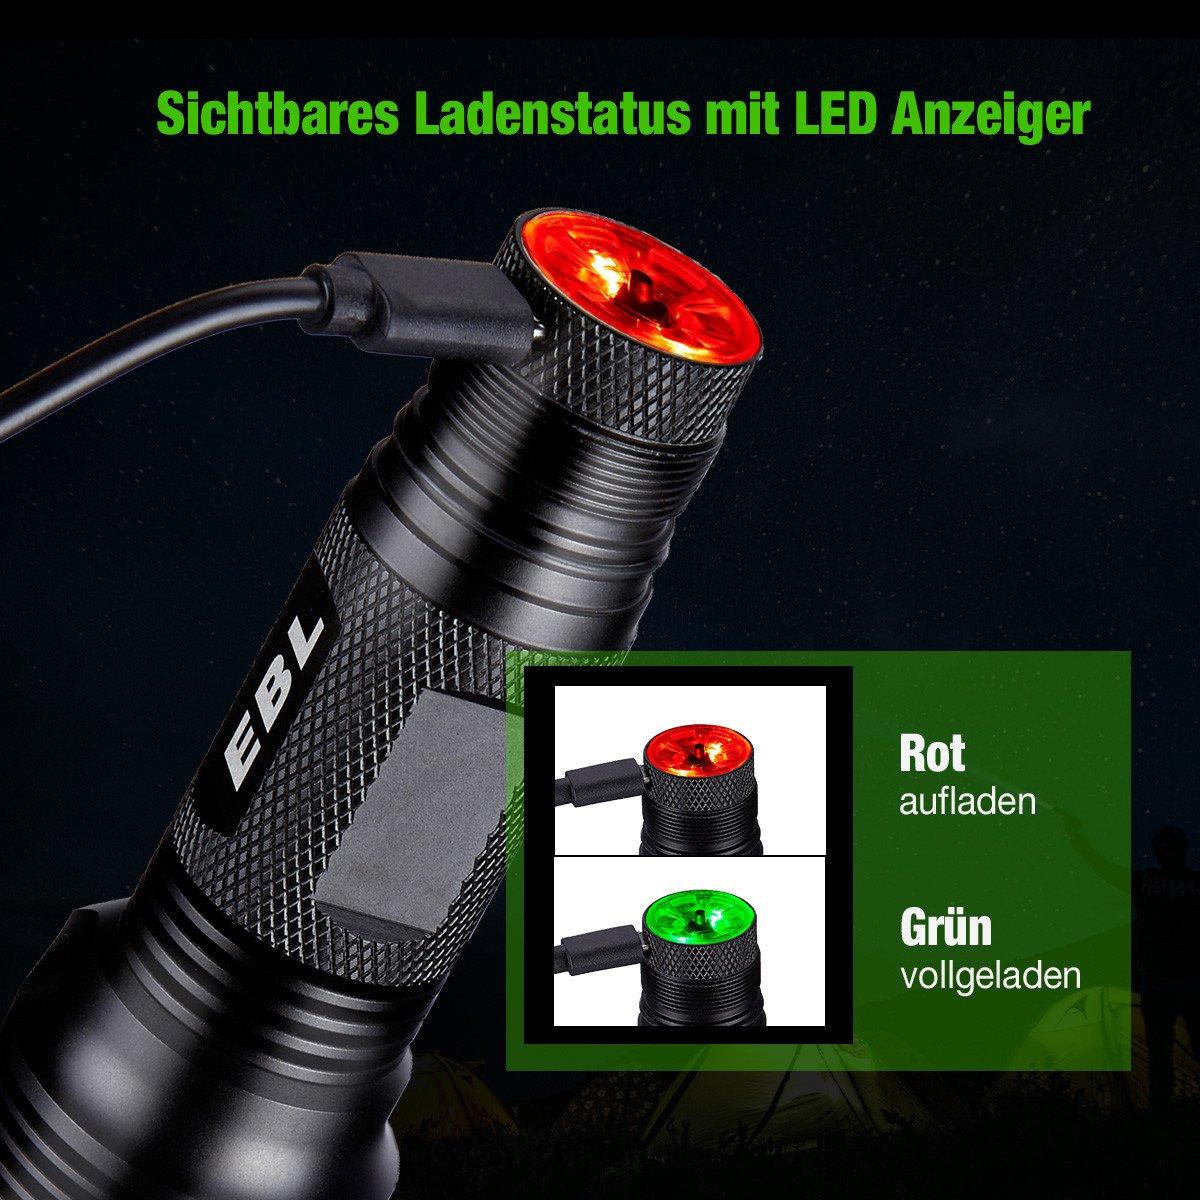 EBL Superhell CREE LED Taschenlampe 6 Modi Erstellbar USB Ladebar Wasserdicht Taschenlampe für Indoor Outdoor inkl. 2 Stück 3000mAh Wiederaufladbar Li-ionen Akku 18650